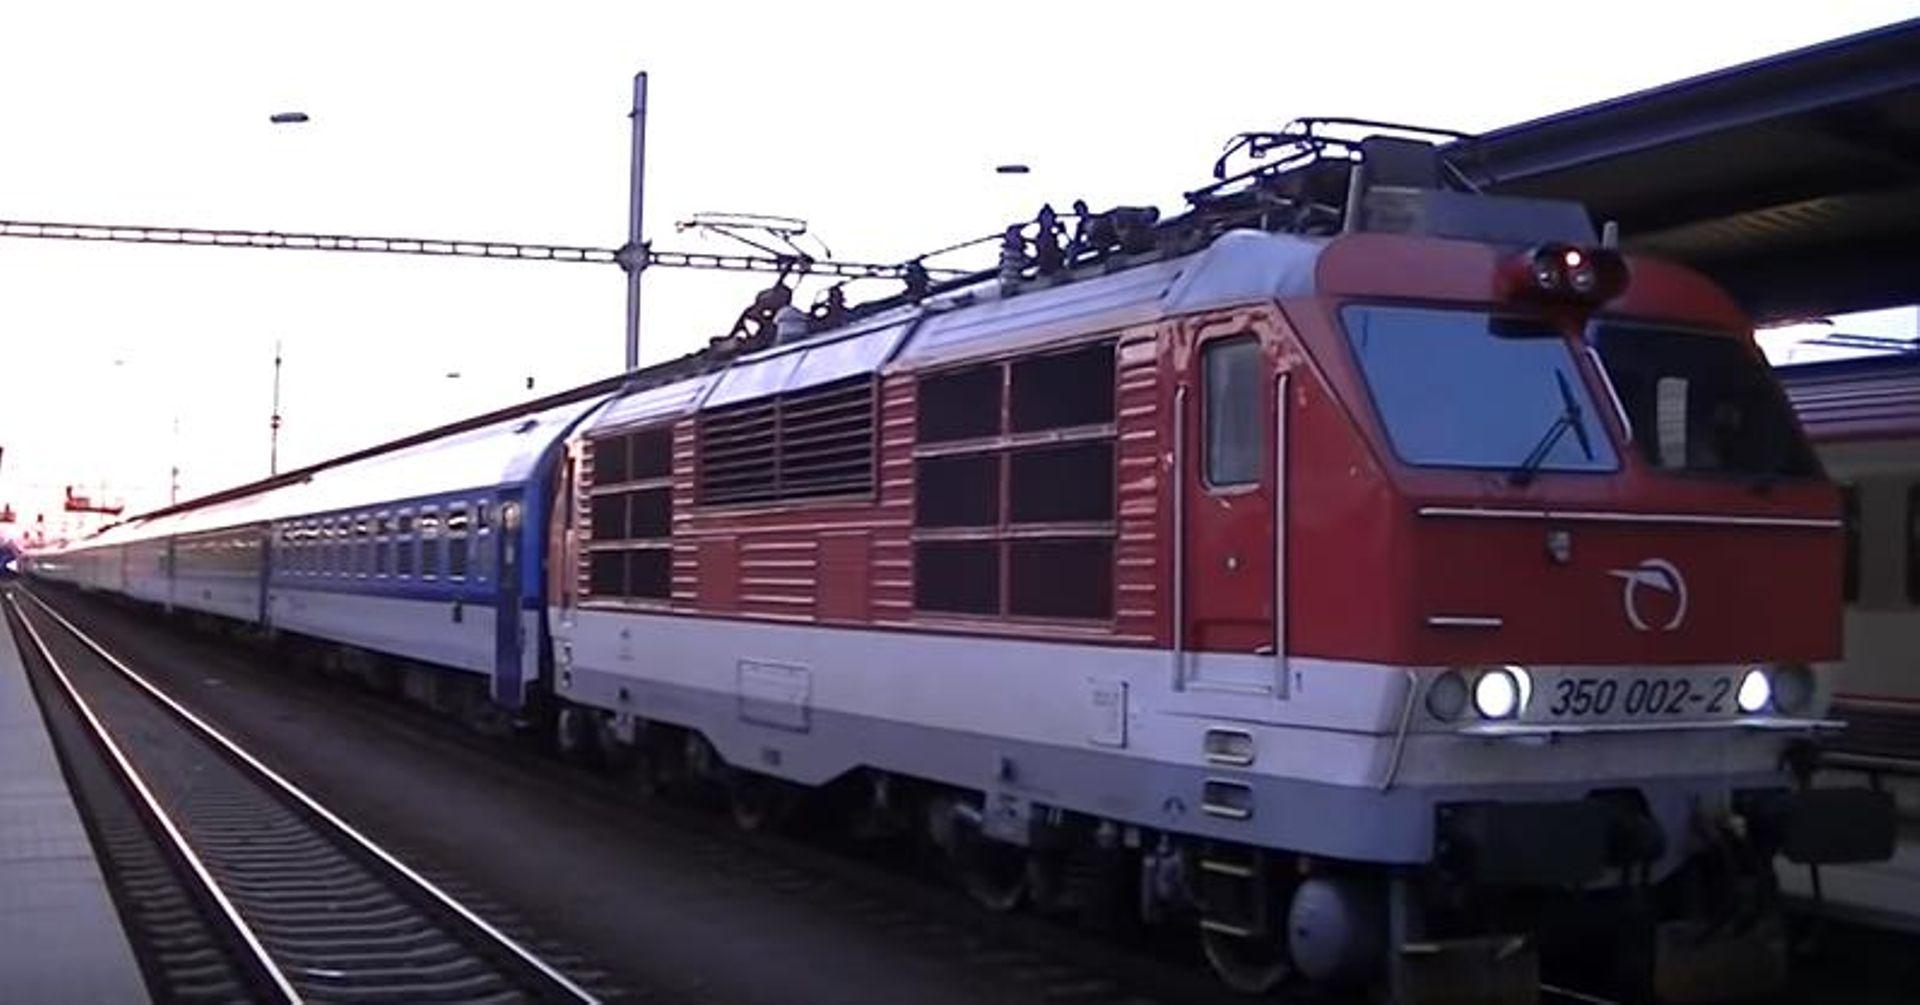 Wrocław: Od grudnia Wrocław zyska bezpośrednie połączenie kolejowe z Wiedniem